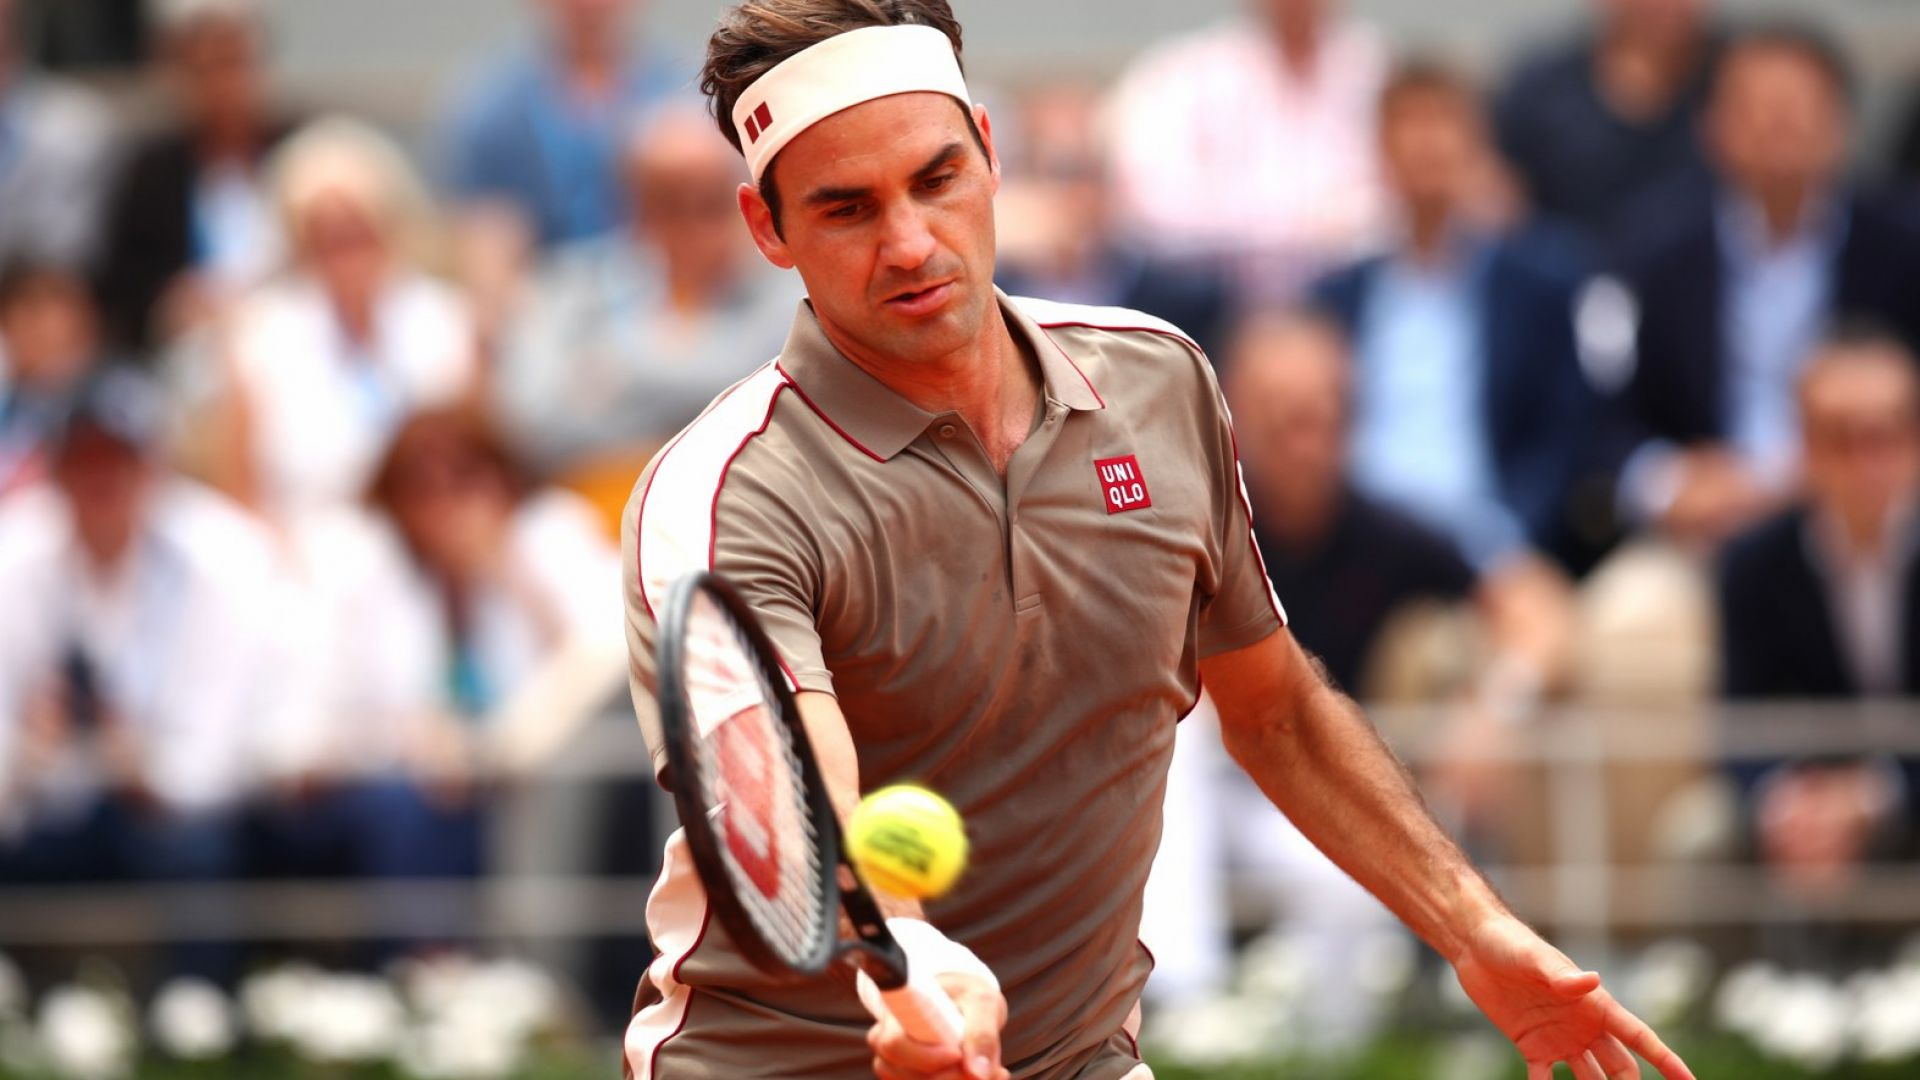 Федерер започна успешно на любимата настилка (резултати)